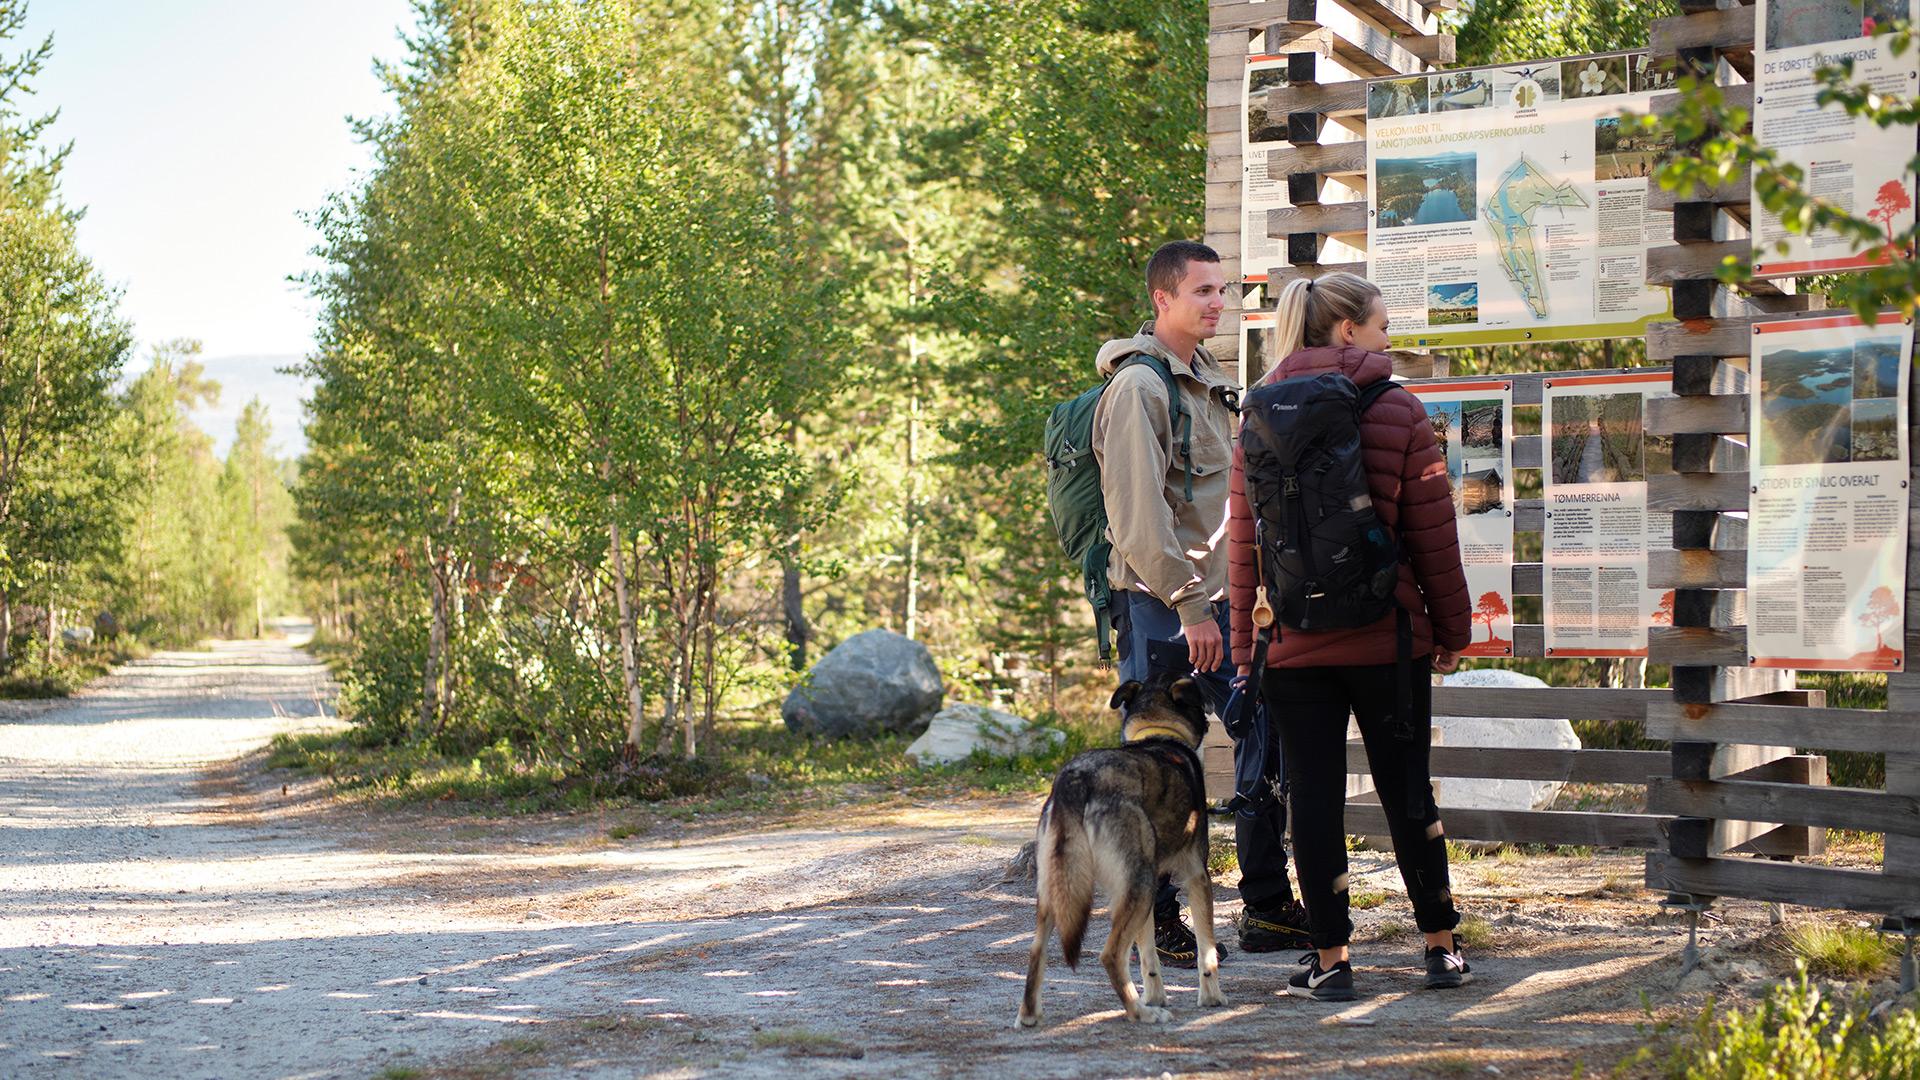 Personer og en hund ser på informasjonstavle.